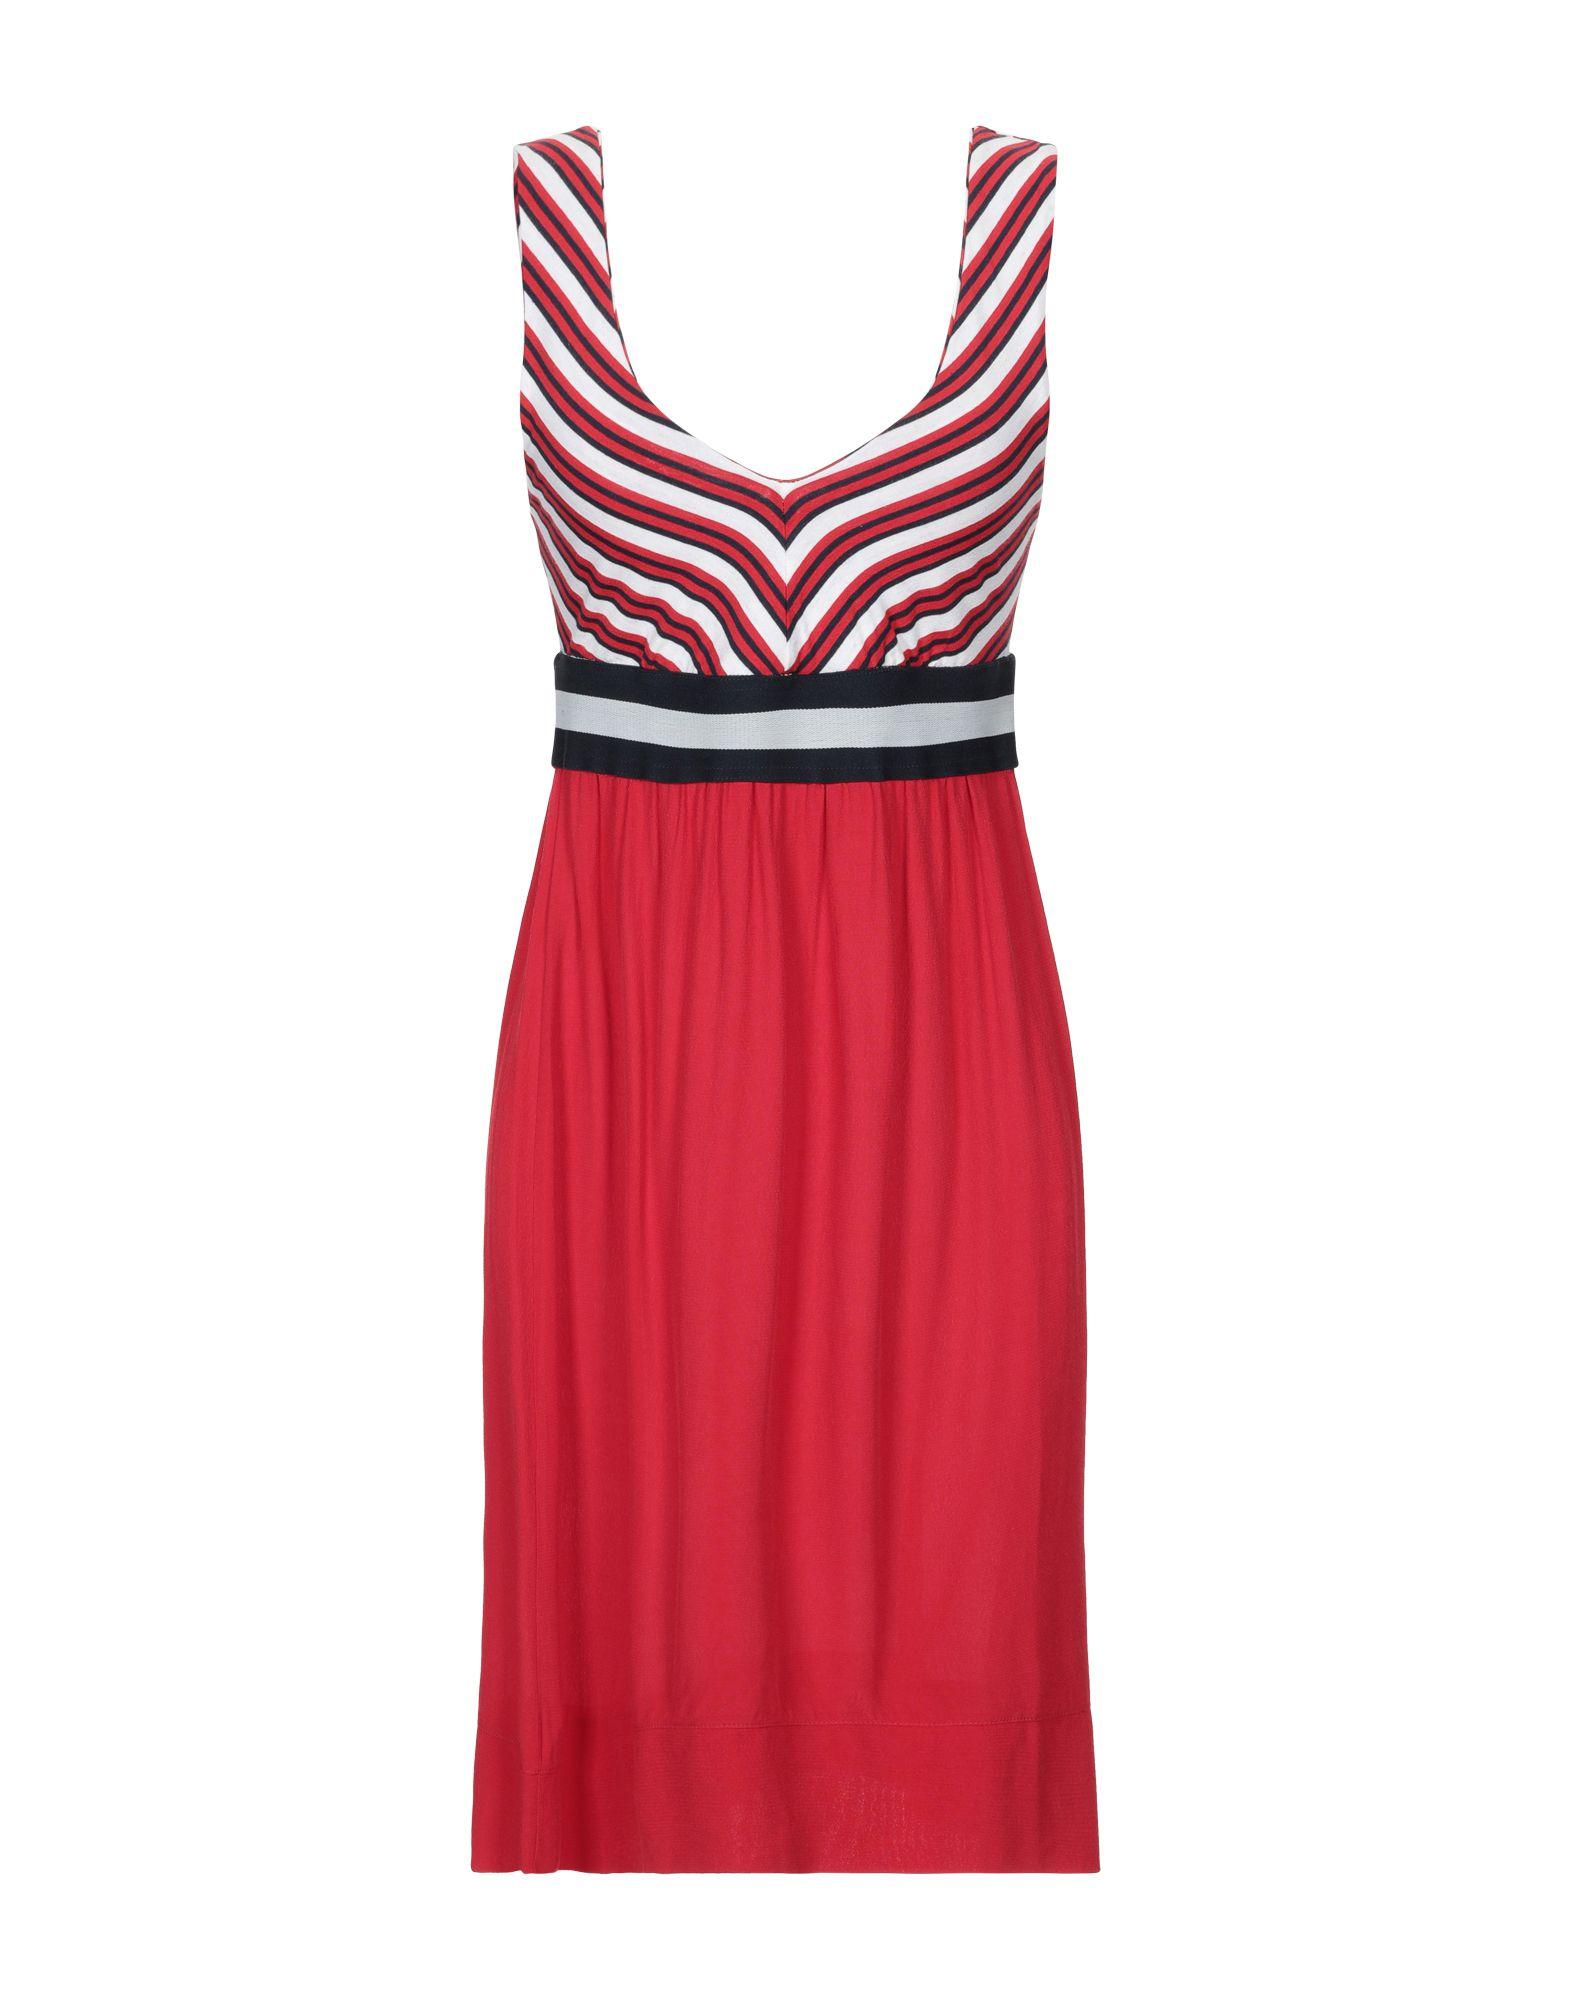 PEPITA Короткое платье летом 2015 новый суд европы печати тонкая талия ретро платье без рукавов жилет юбка в конце детей